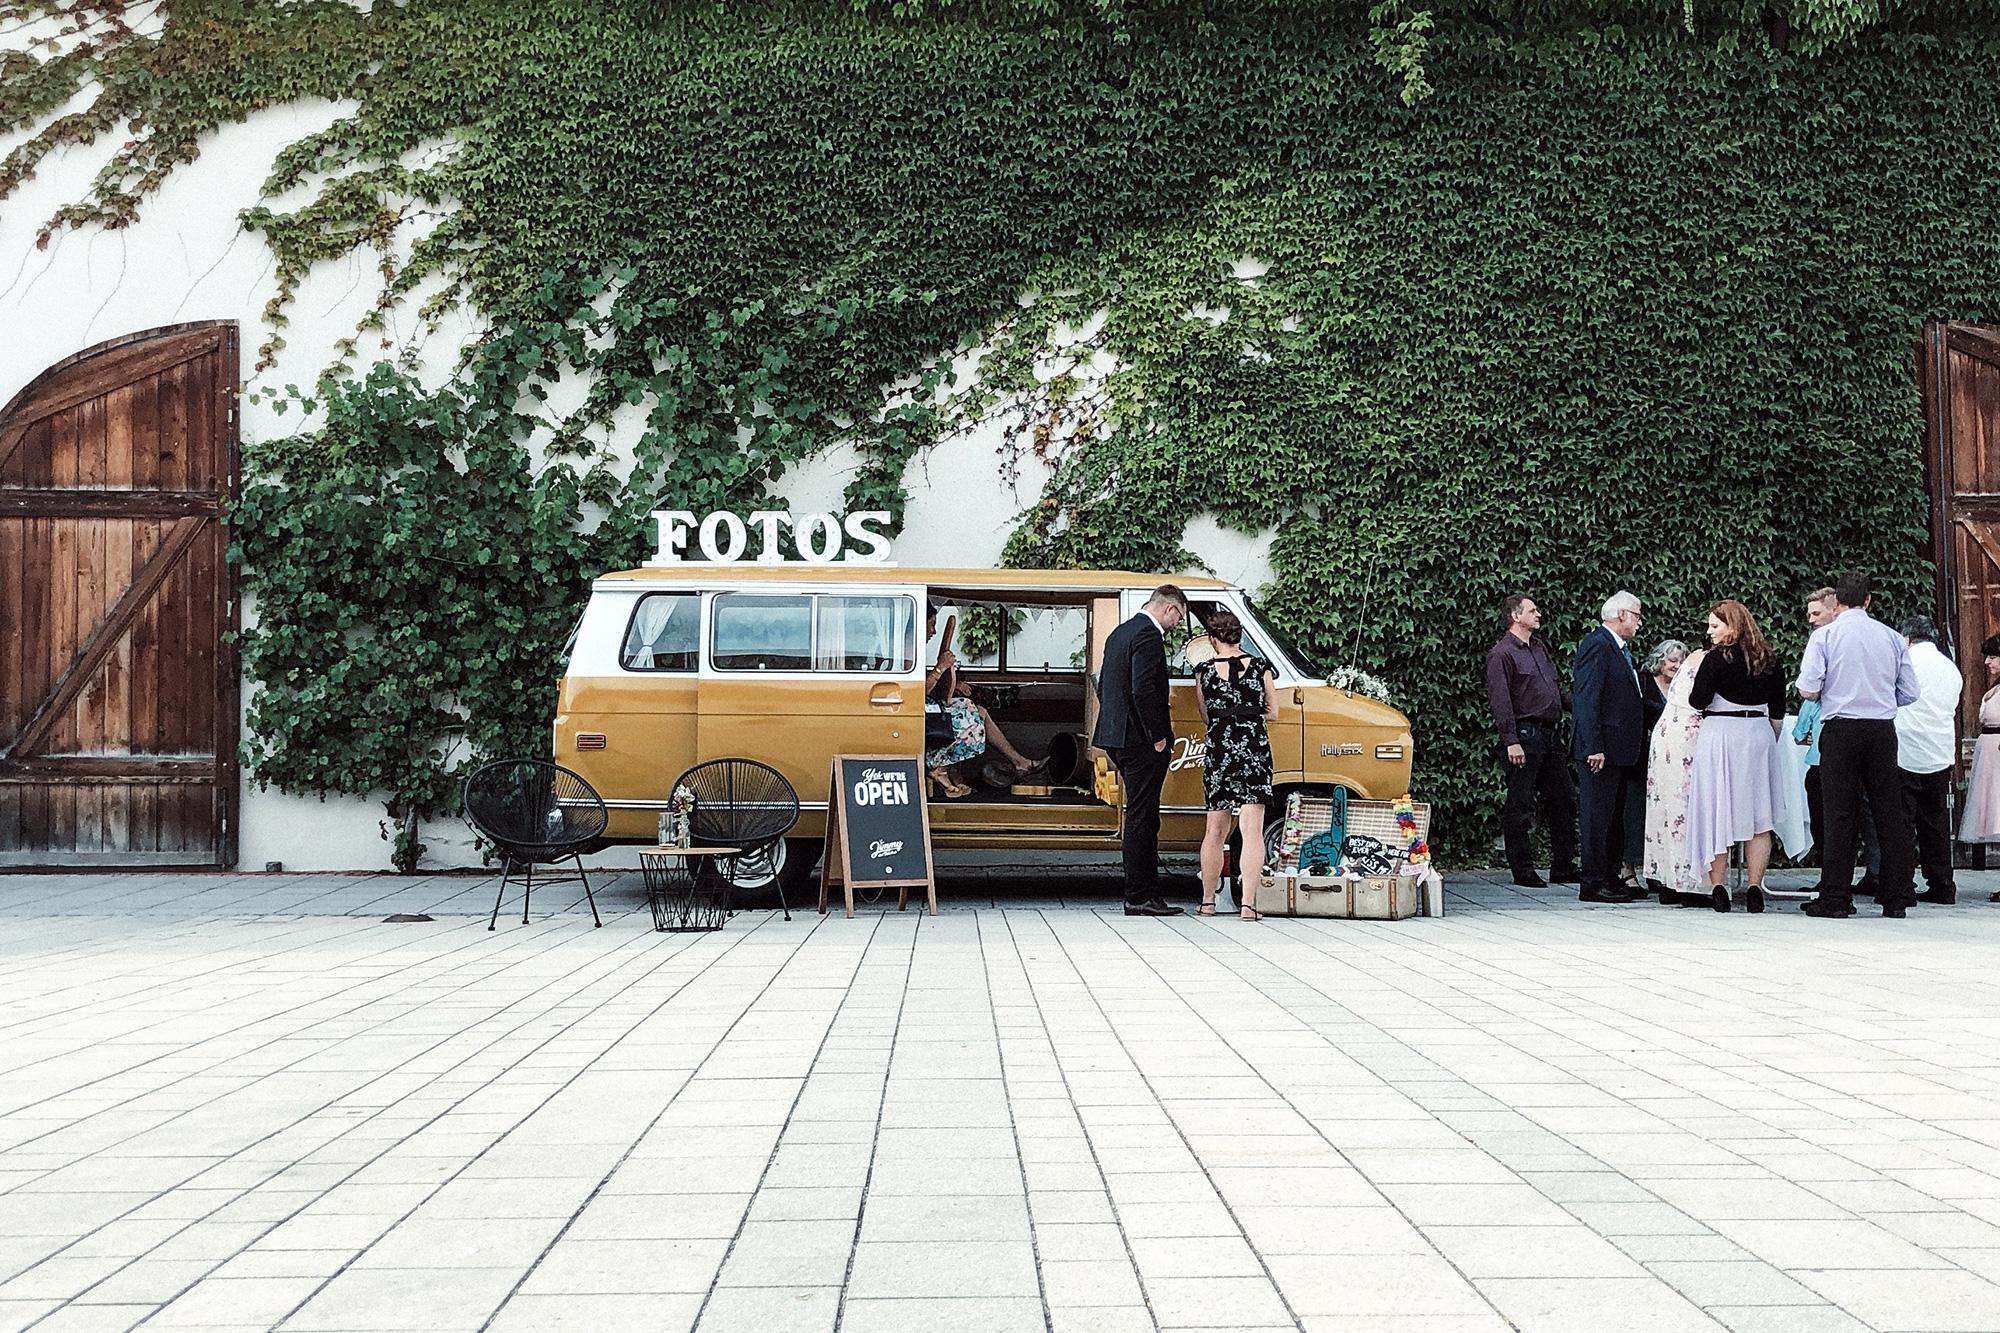 Fotobus-Jimmy-Fotobulli–Hochzeit-Fotobooth-Fotobox-V06.jpg